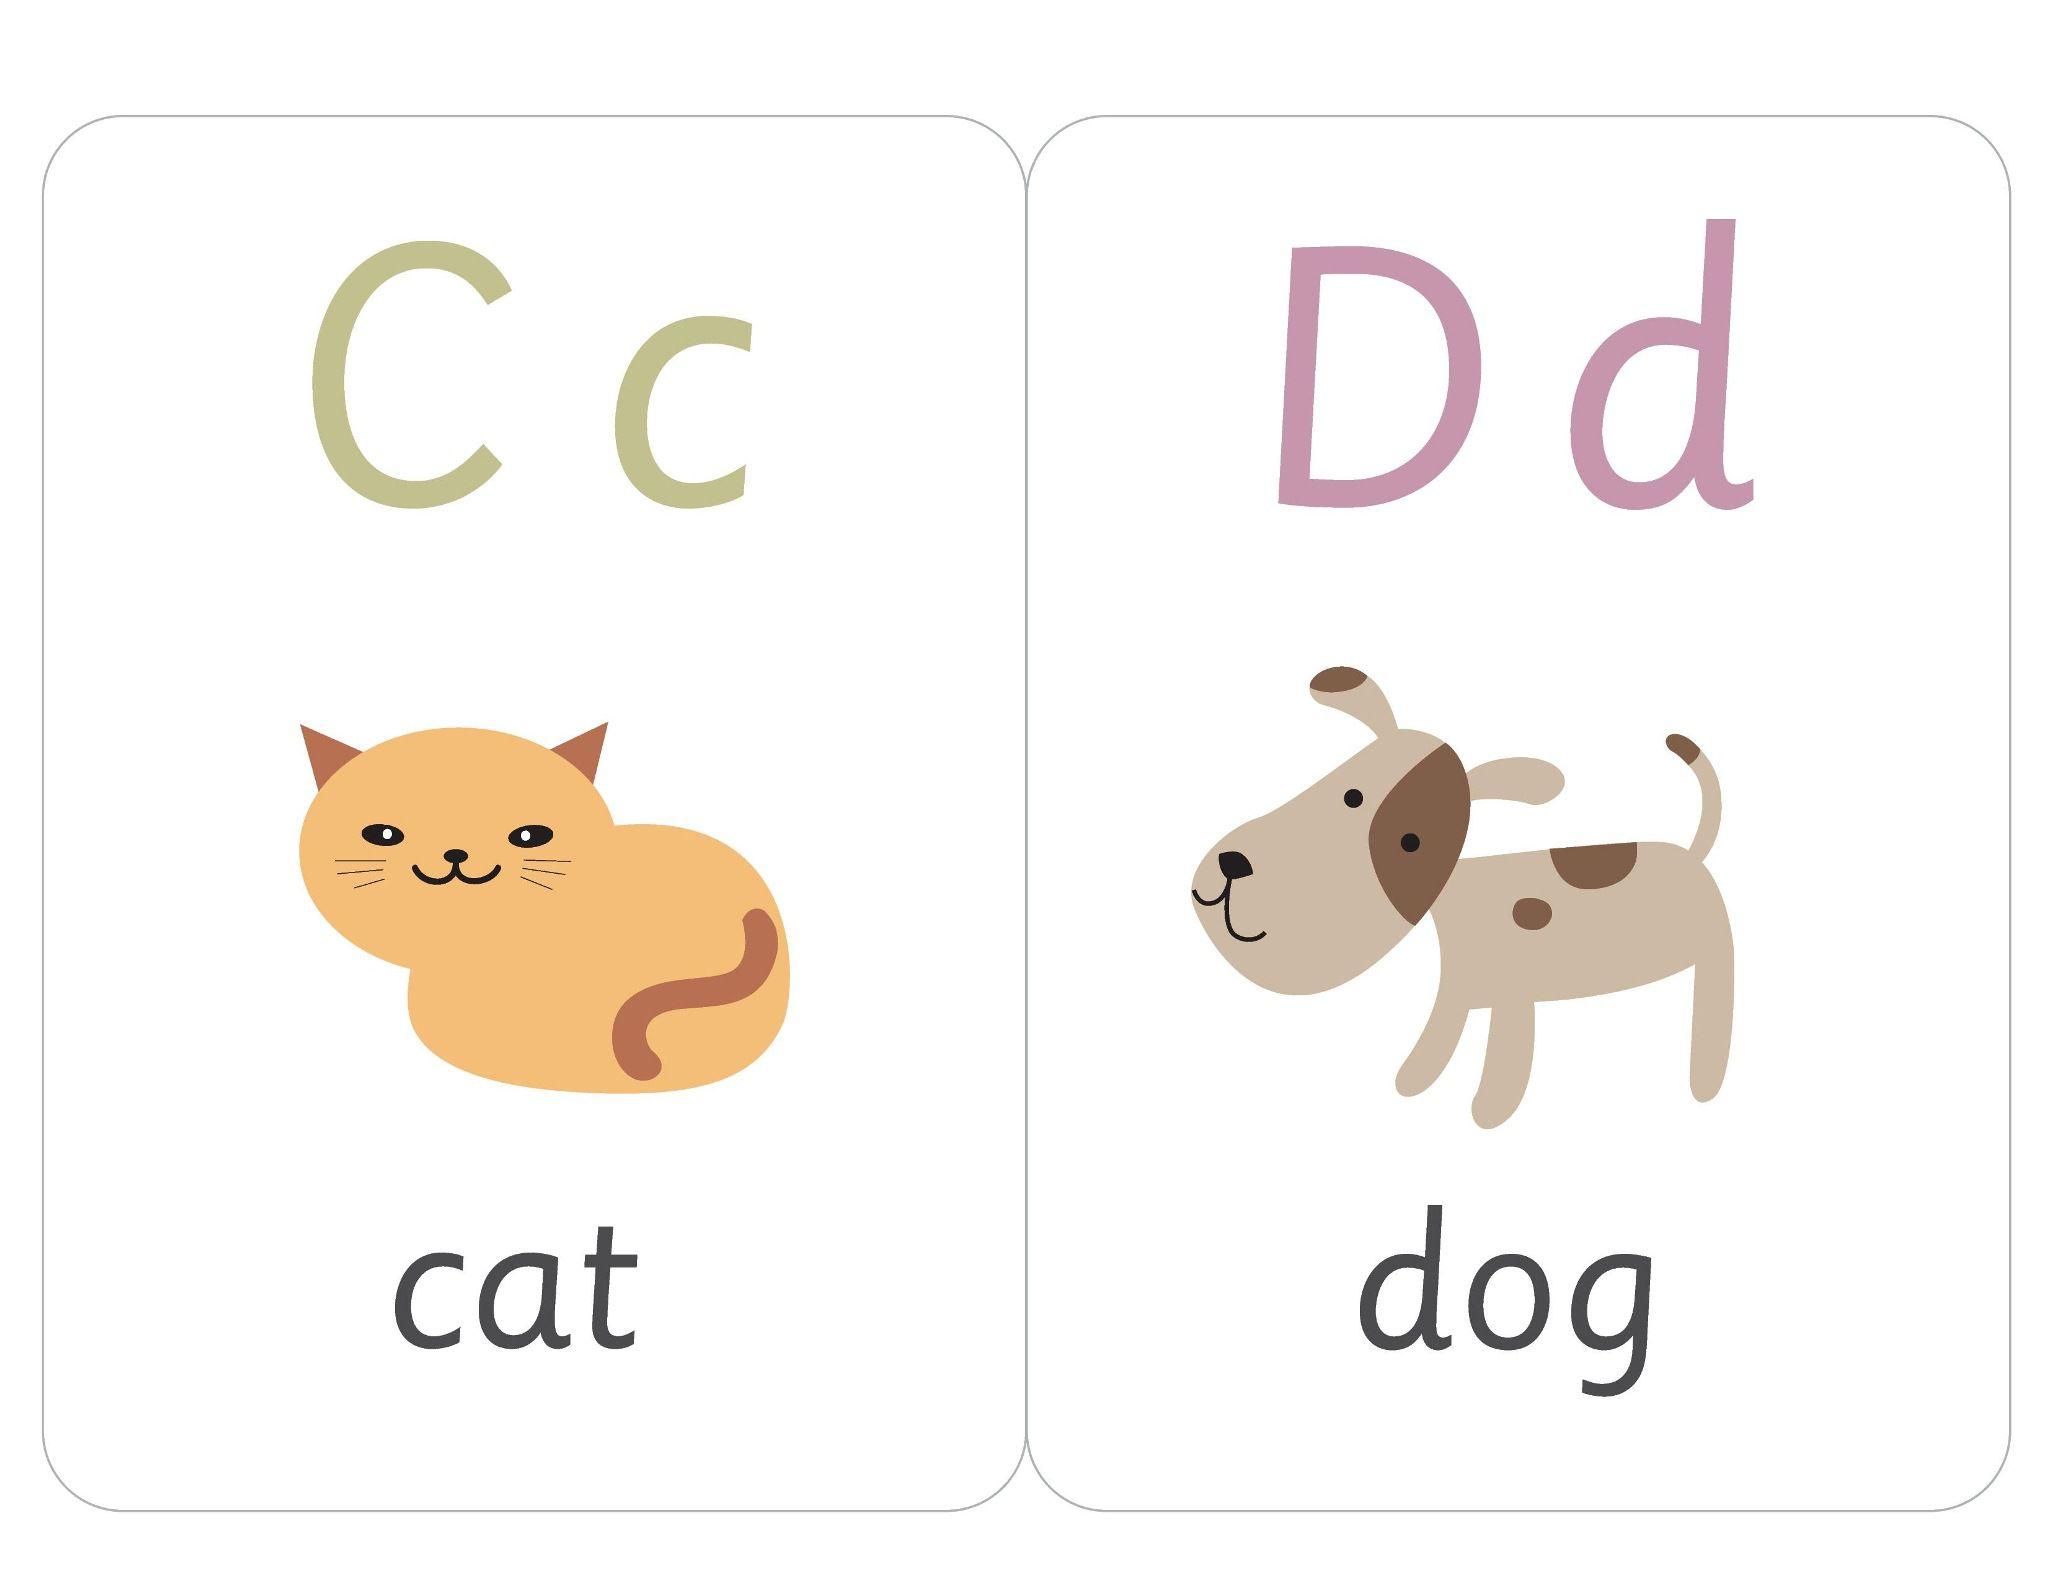 люди начали английские буквы в картинках для 2 класса организмы зависят энергии